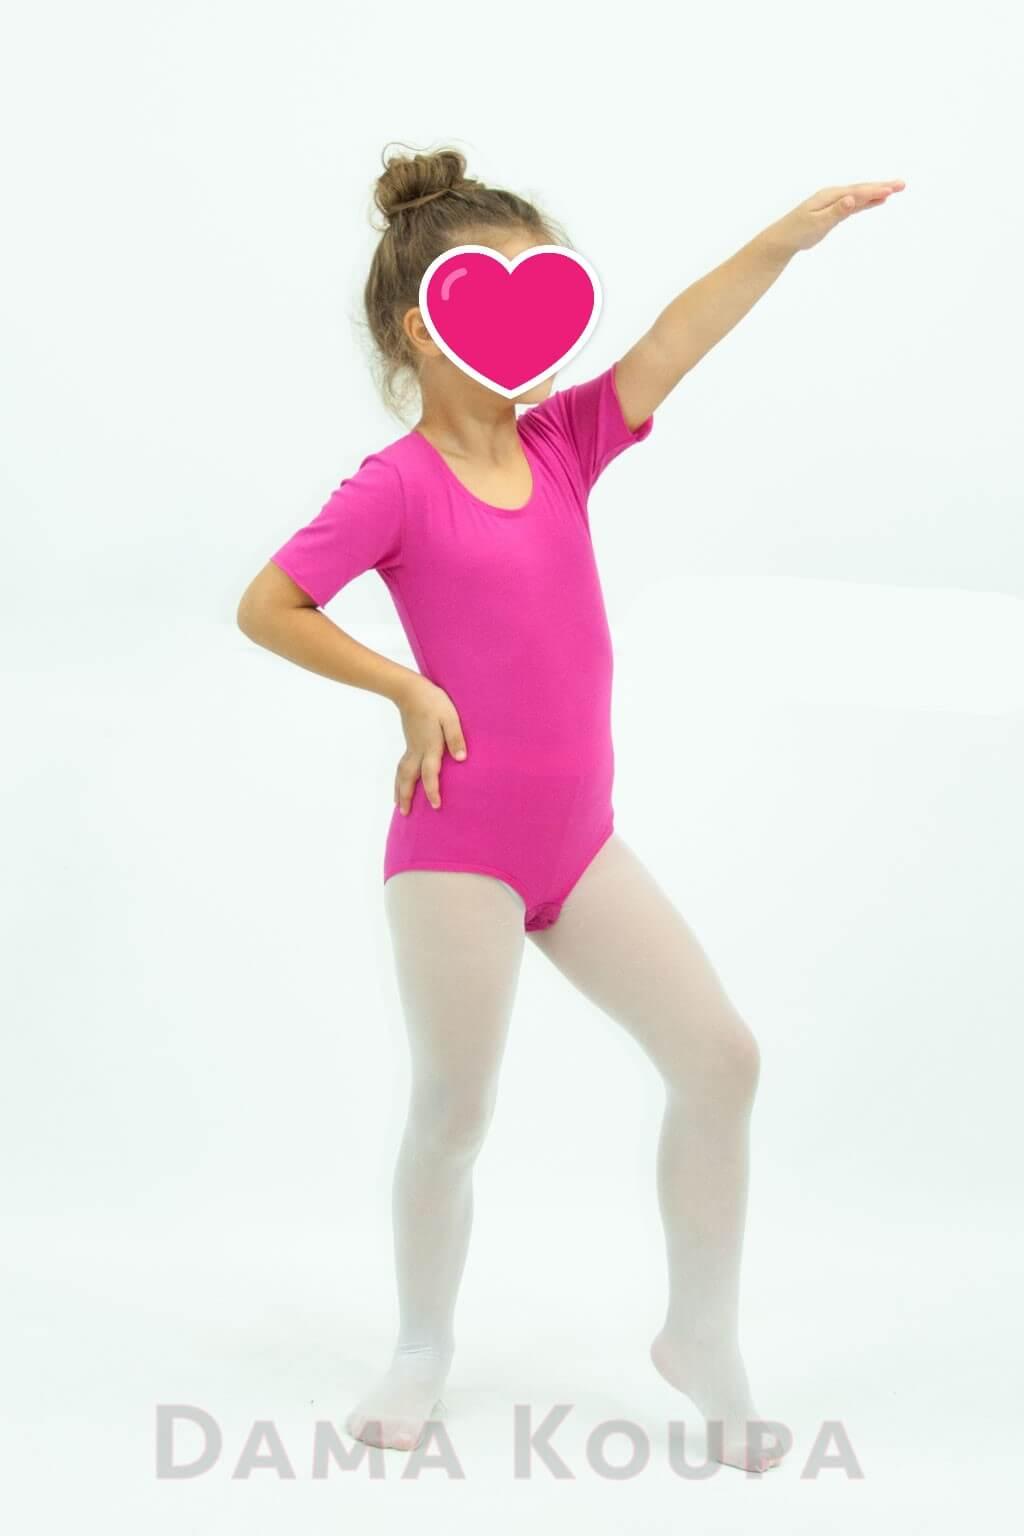 Παιδικό κορμάκι γυμναστικής με κοντό μανίκι Dama Koupa 6fe34c56f2f